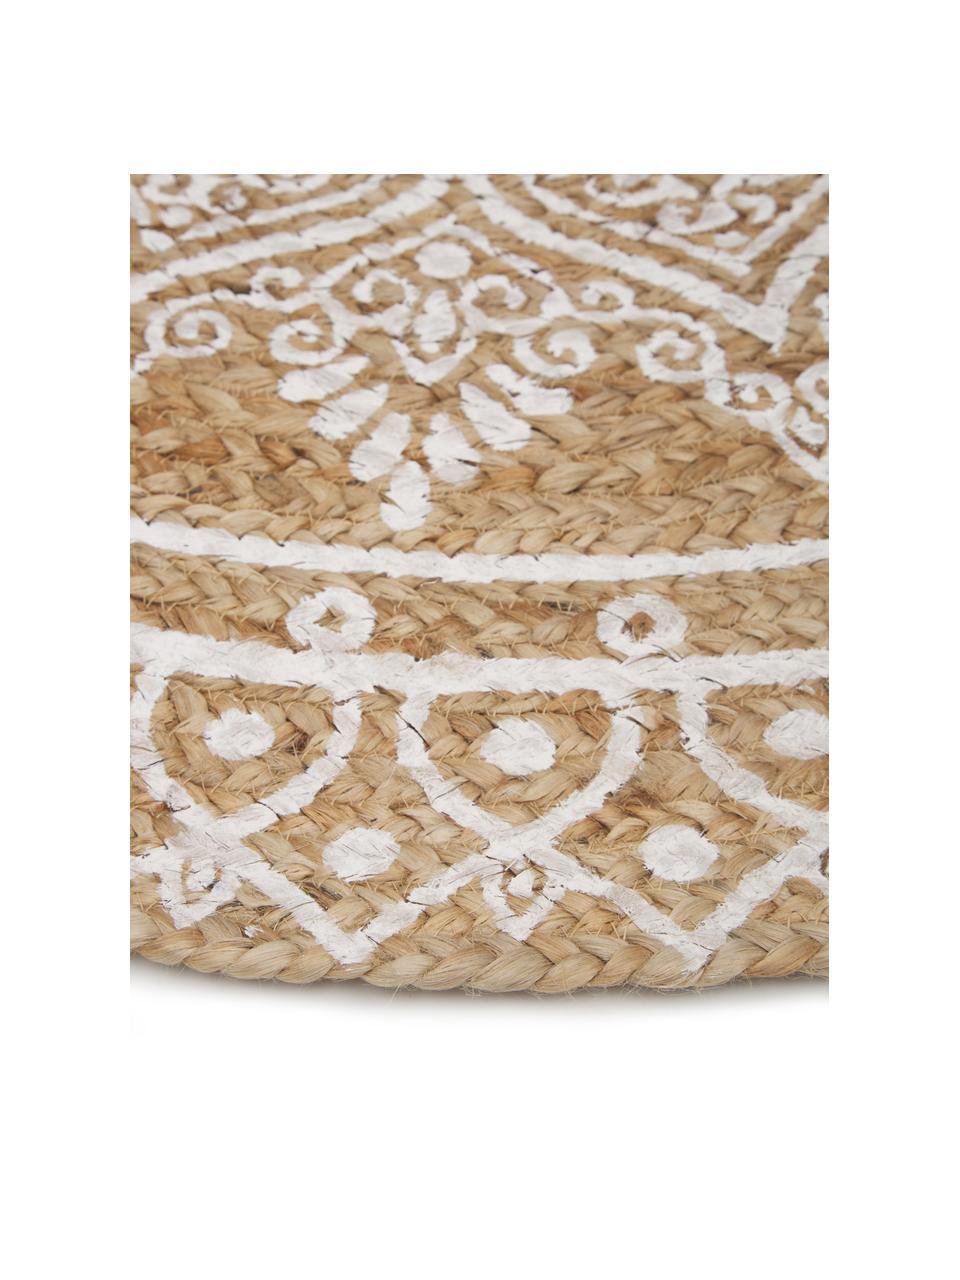 Runder Jute-Teppich Dahlia, handgefertigt, 100% Jute, Beige, Weiß, Ø 200 cm (Größe L)